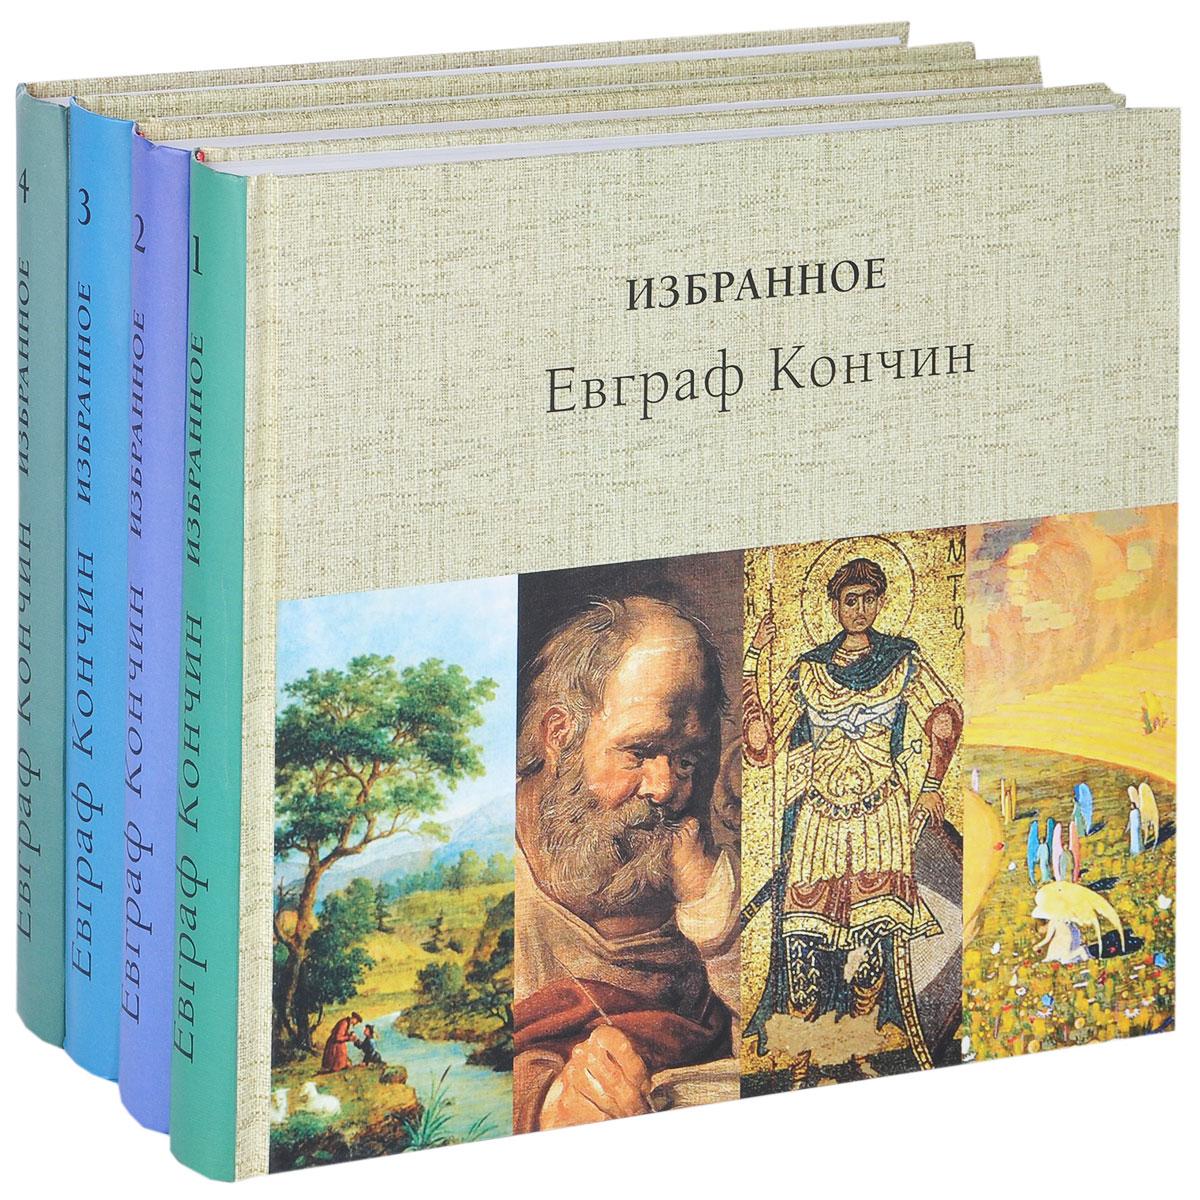 Евграф Кончин Евграф Кончин. Избранное. В 4 томах (комплект из 4 книг) избранное комплект в 2 х томах